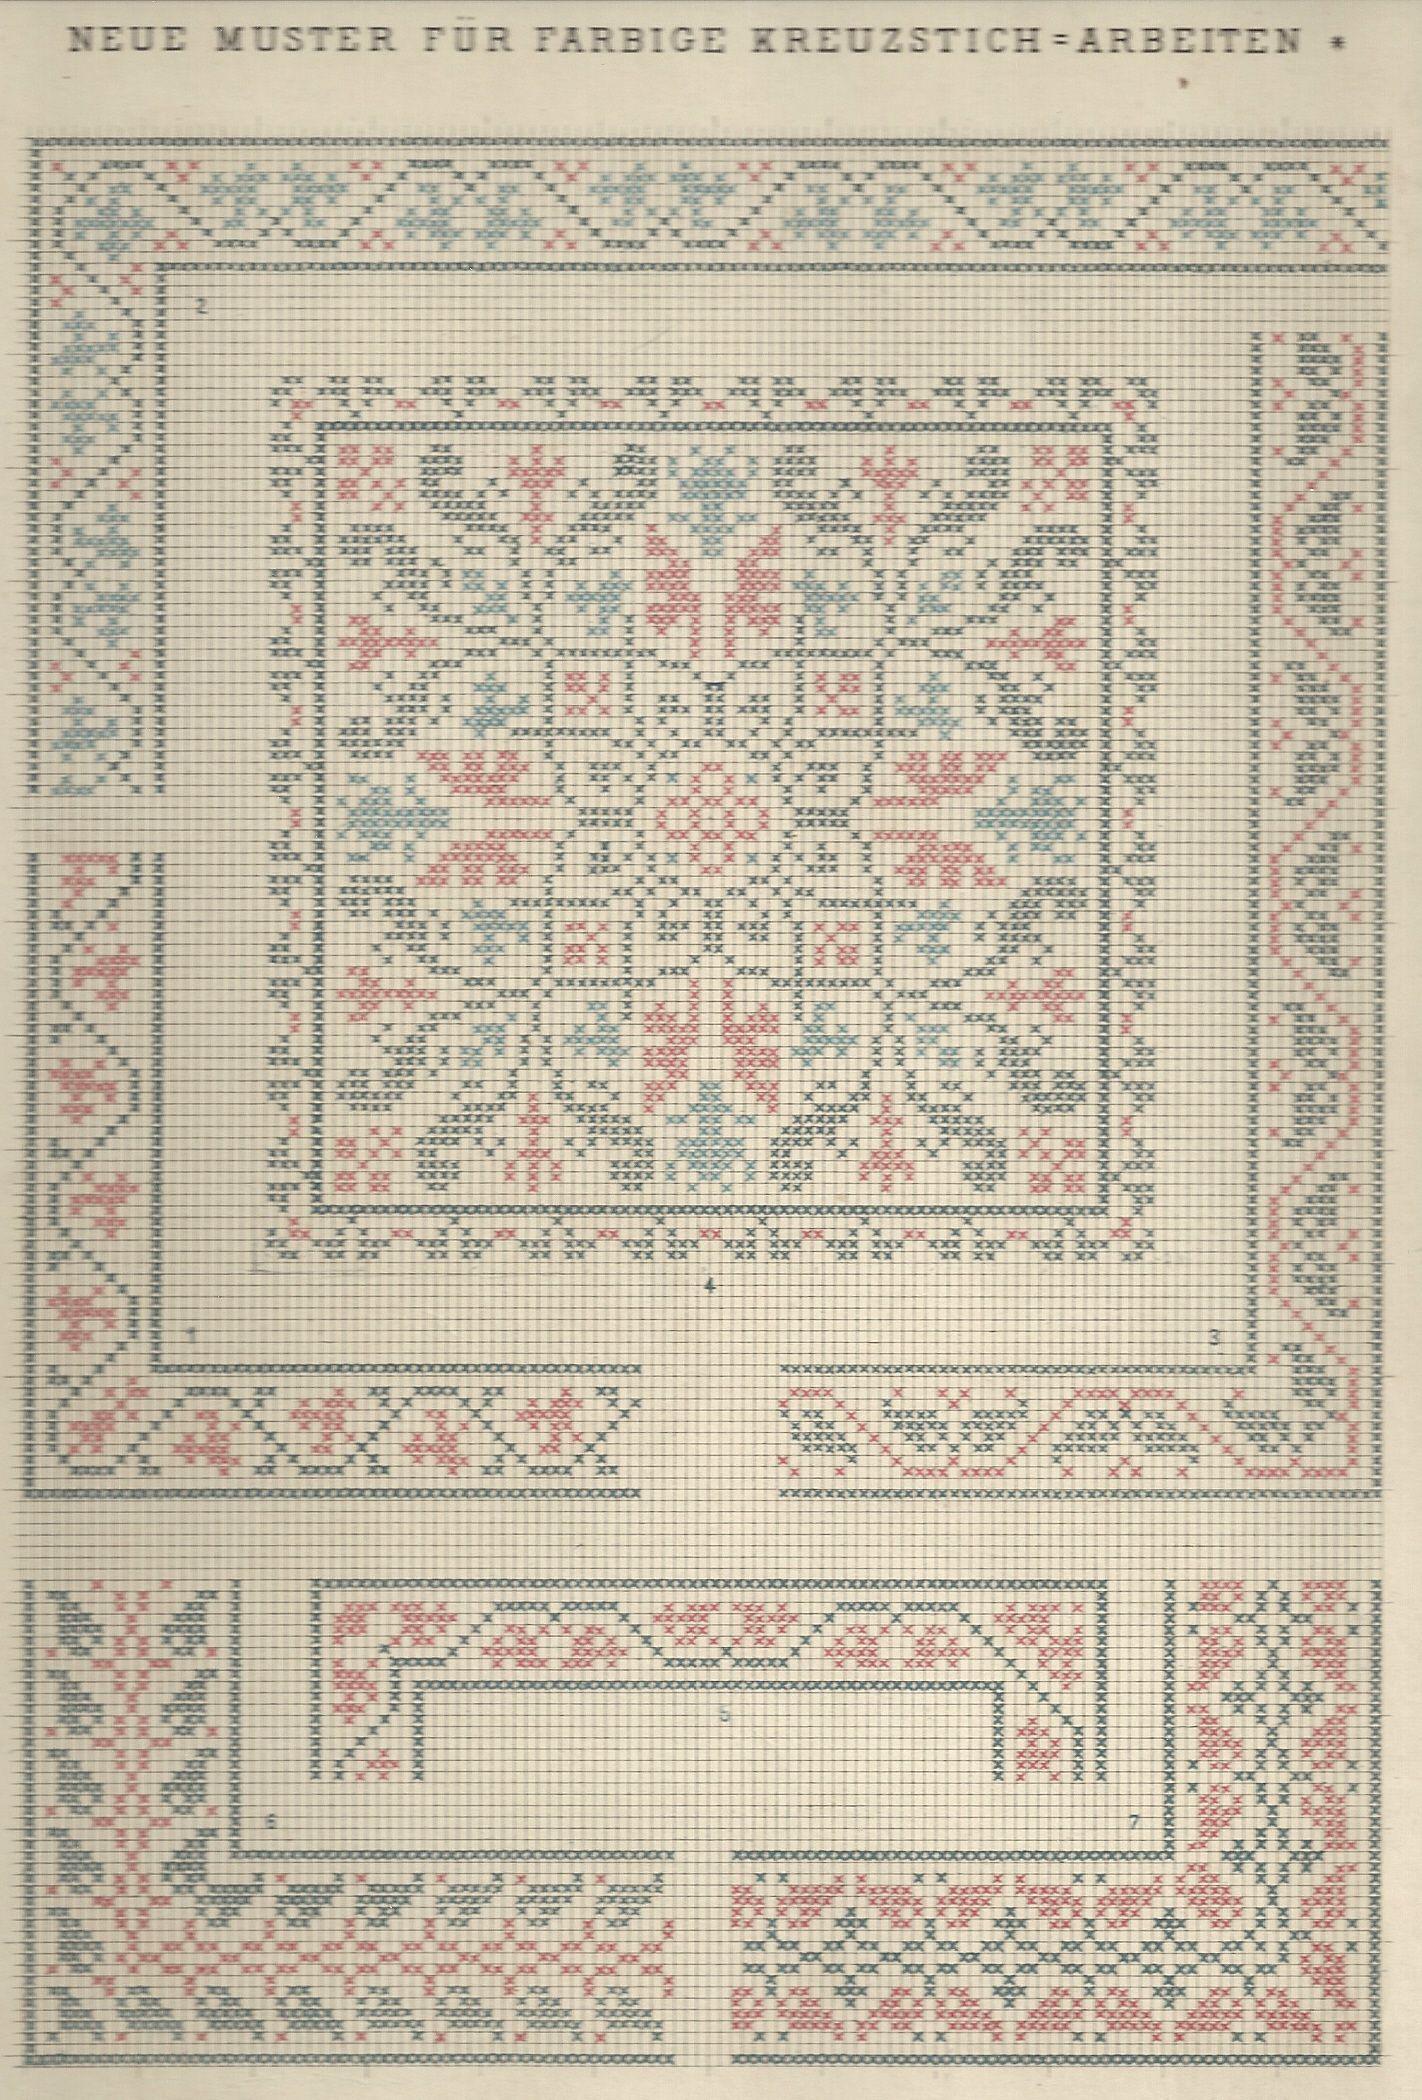 1 / Blatt 1 Textilbibliothek St. Gallen - Neue Muster-Vorlagen Fur ...